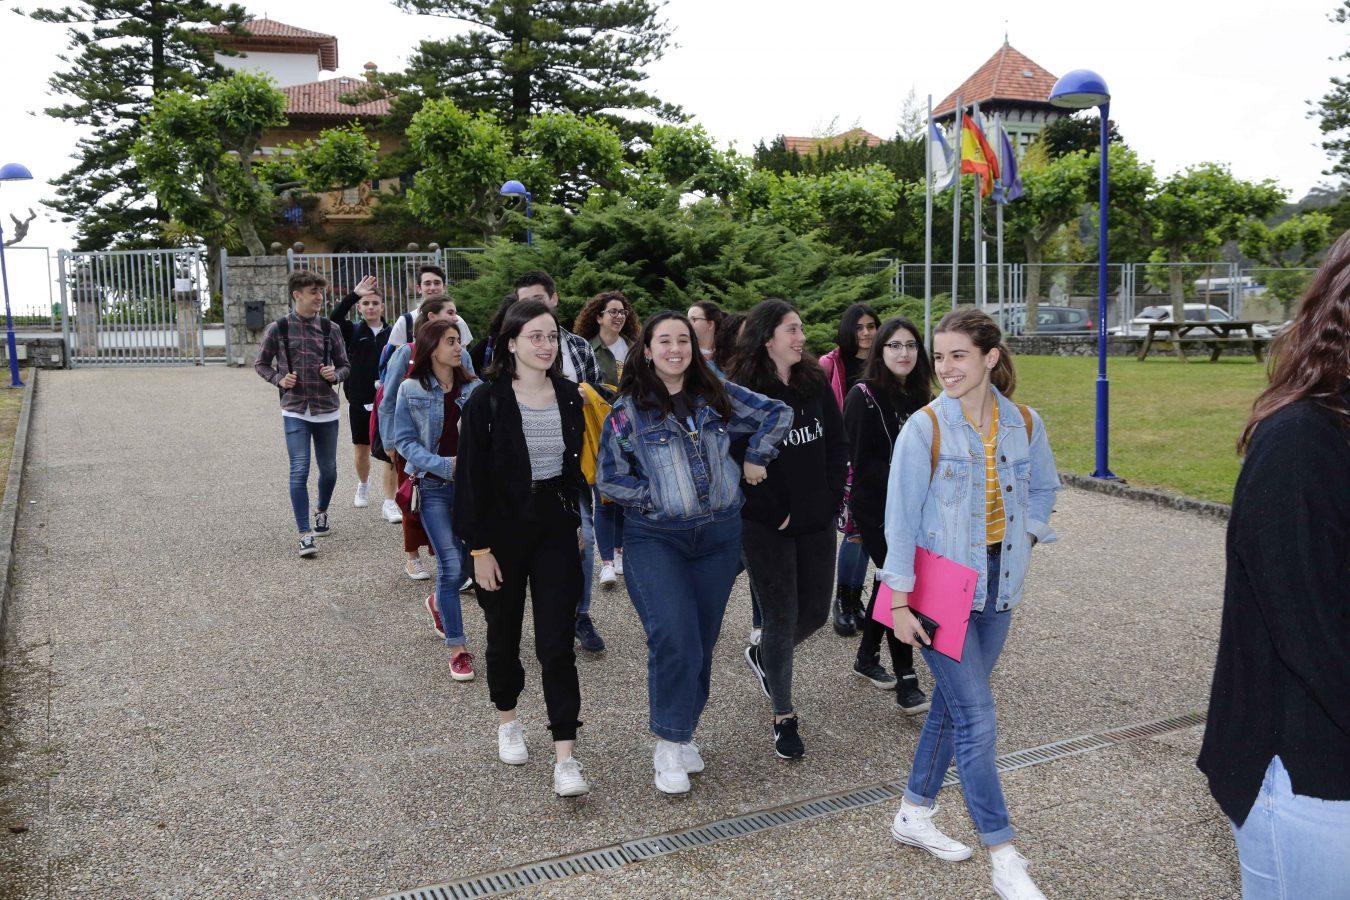 109 bachilleres de la comarca iniciaron hoy en Ribadesella las pruebas de acceso a la Universidad